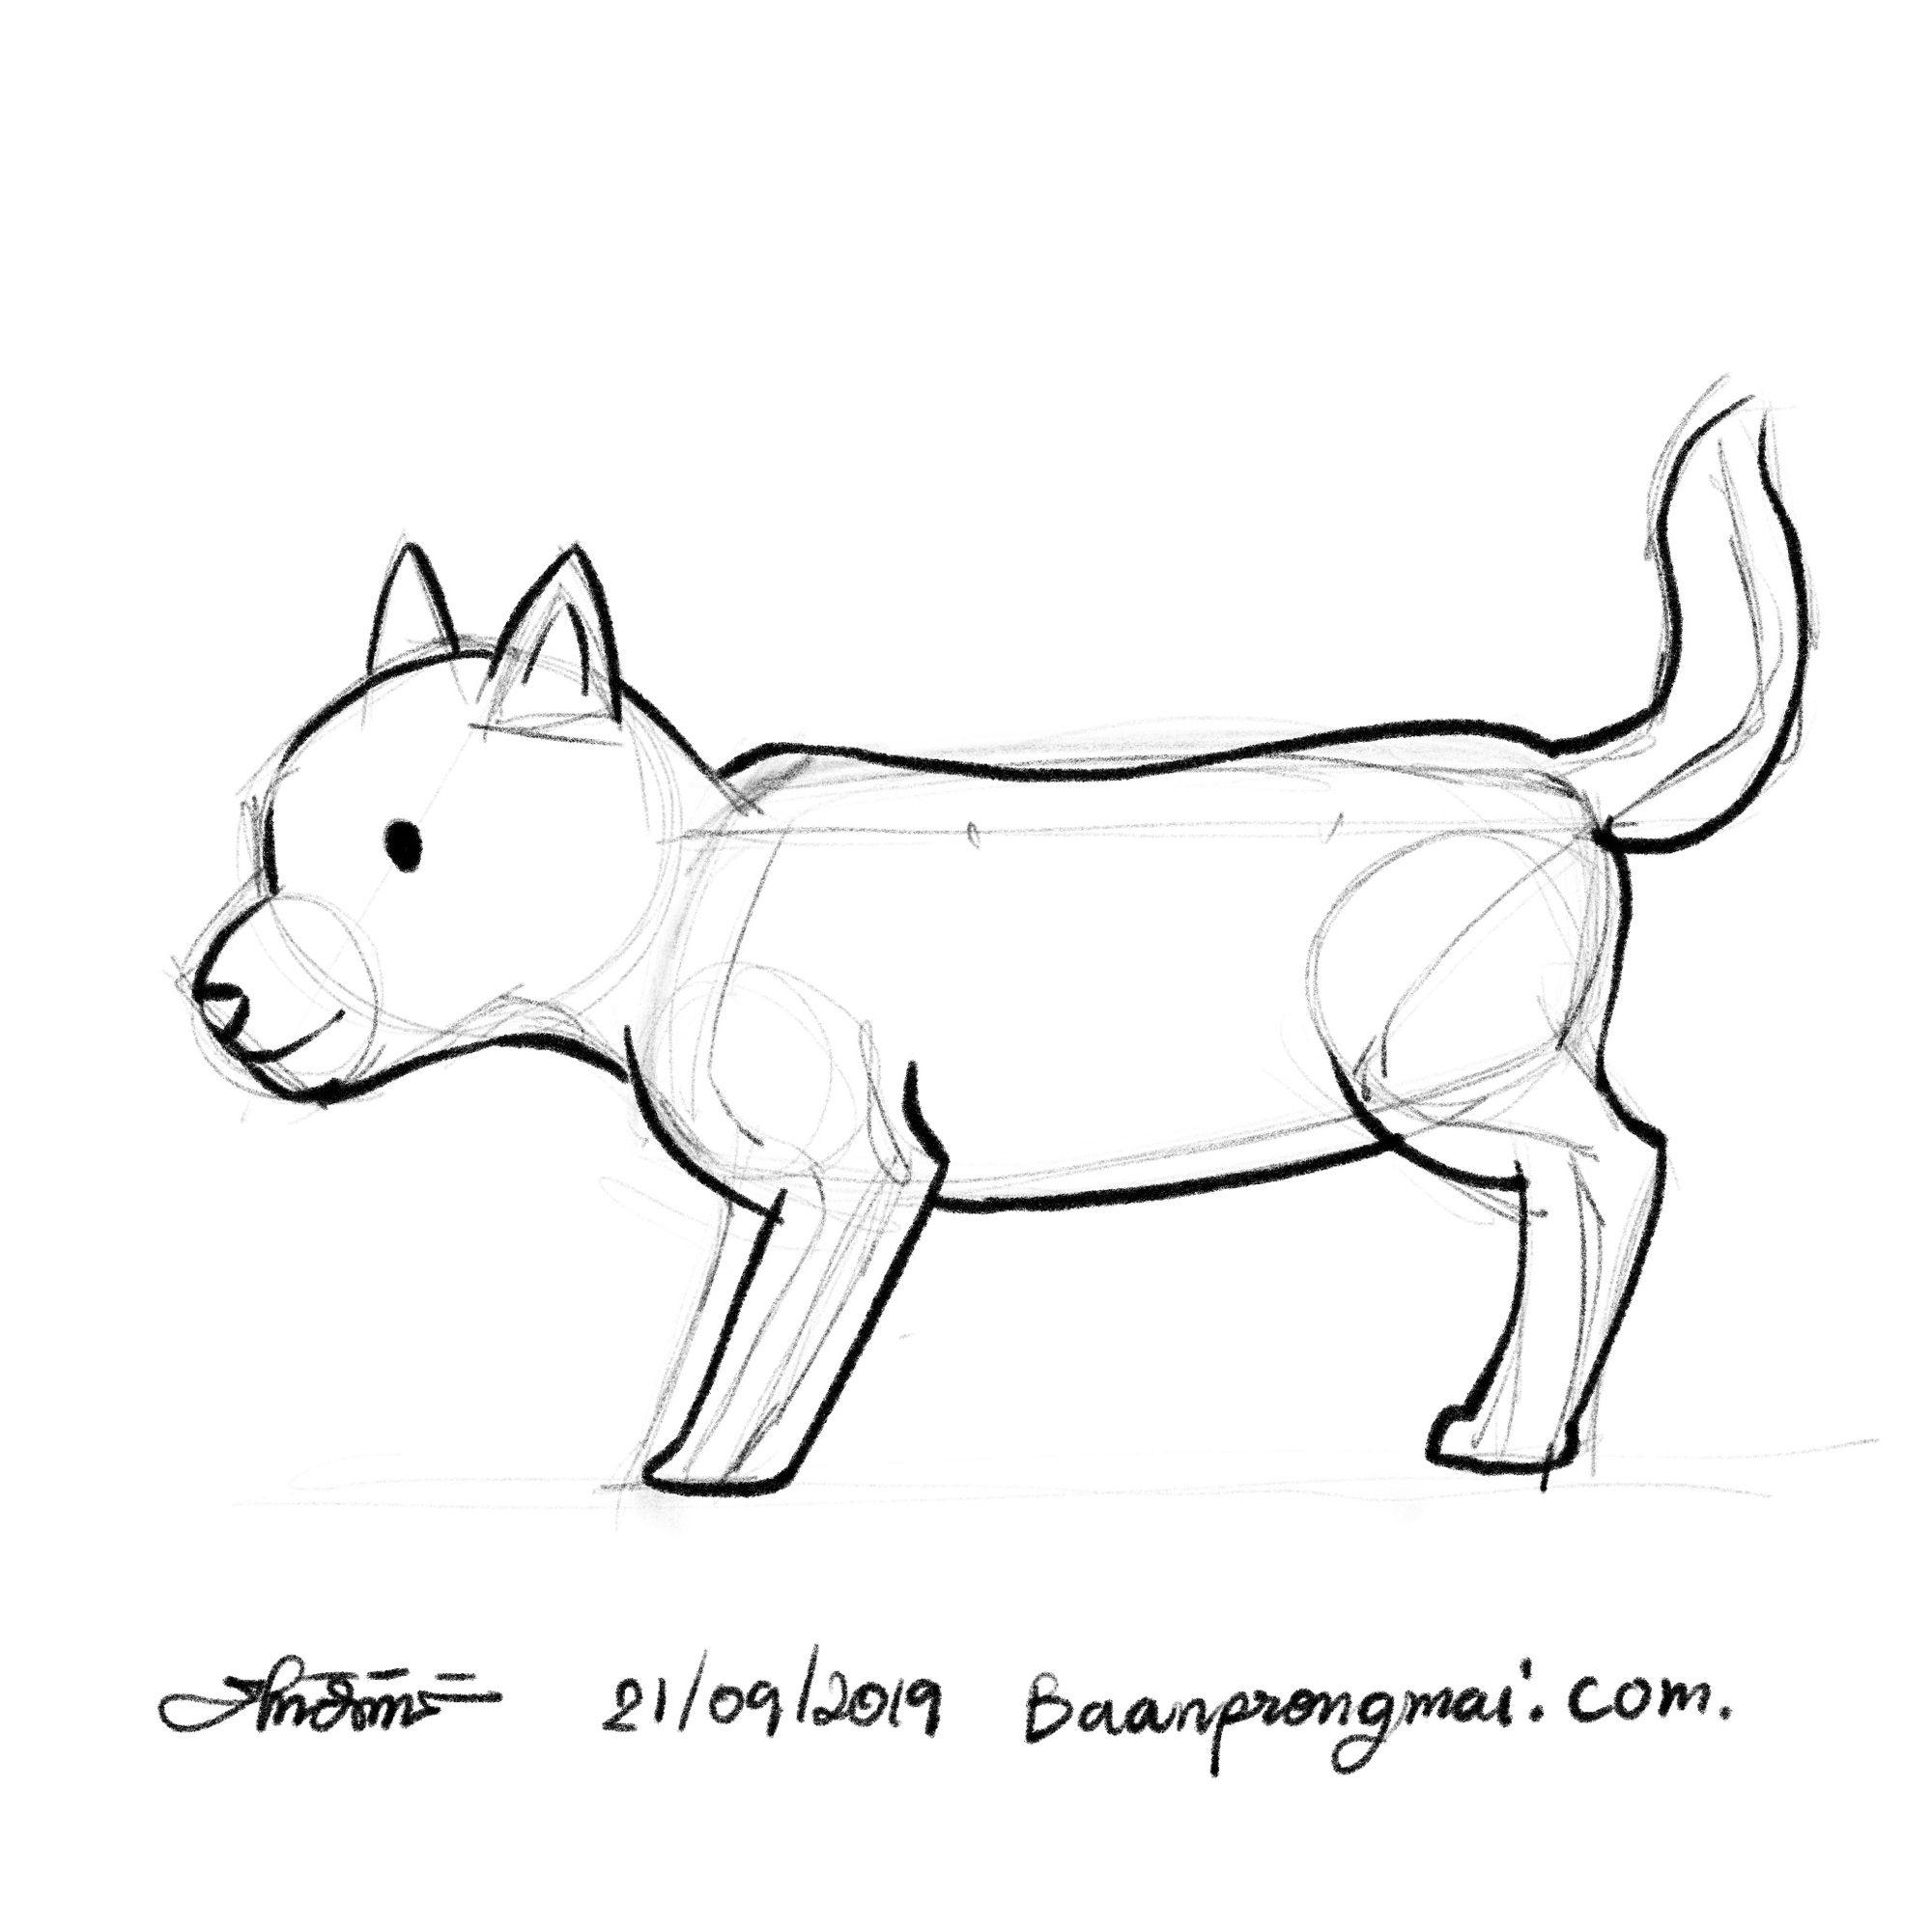 ภาพวาดส น ขด านข างง ายๆ วาด วาดร ป วาดการ ต น ฝ กวาด ฝ กวาดร ป ฝ กวาดการ ต น Draw Drawing Sketching Sketch How To Draw Draw Cartoon How To Draw C